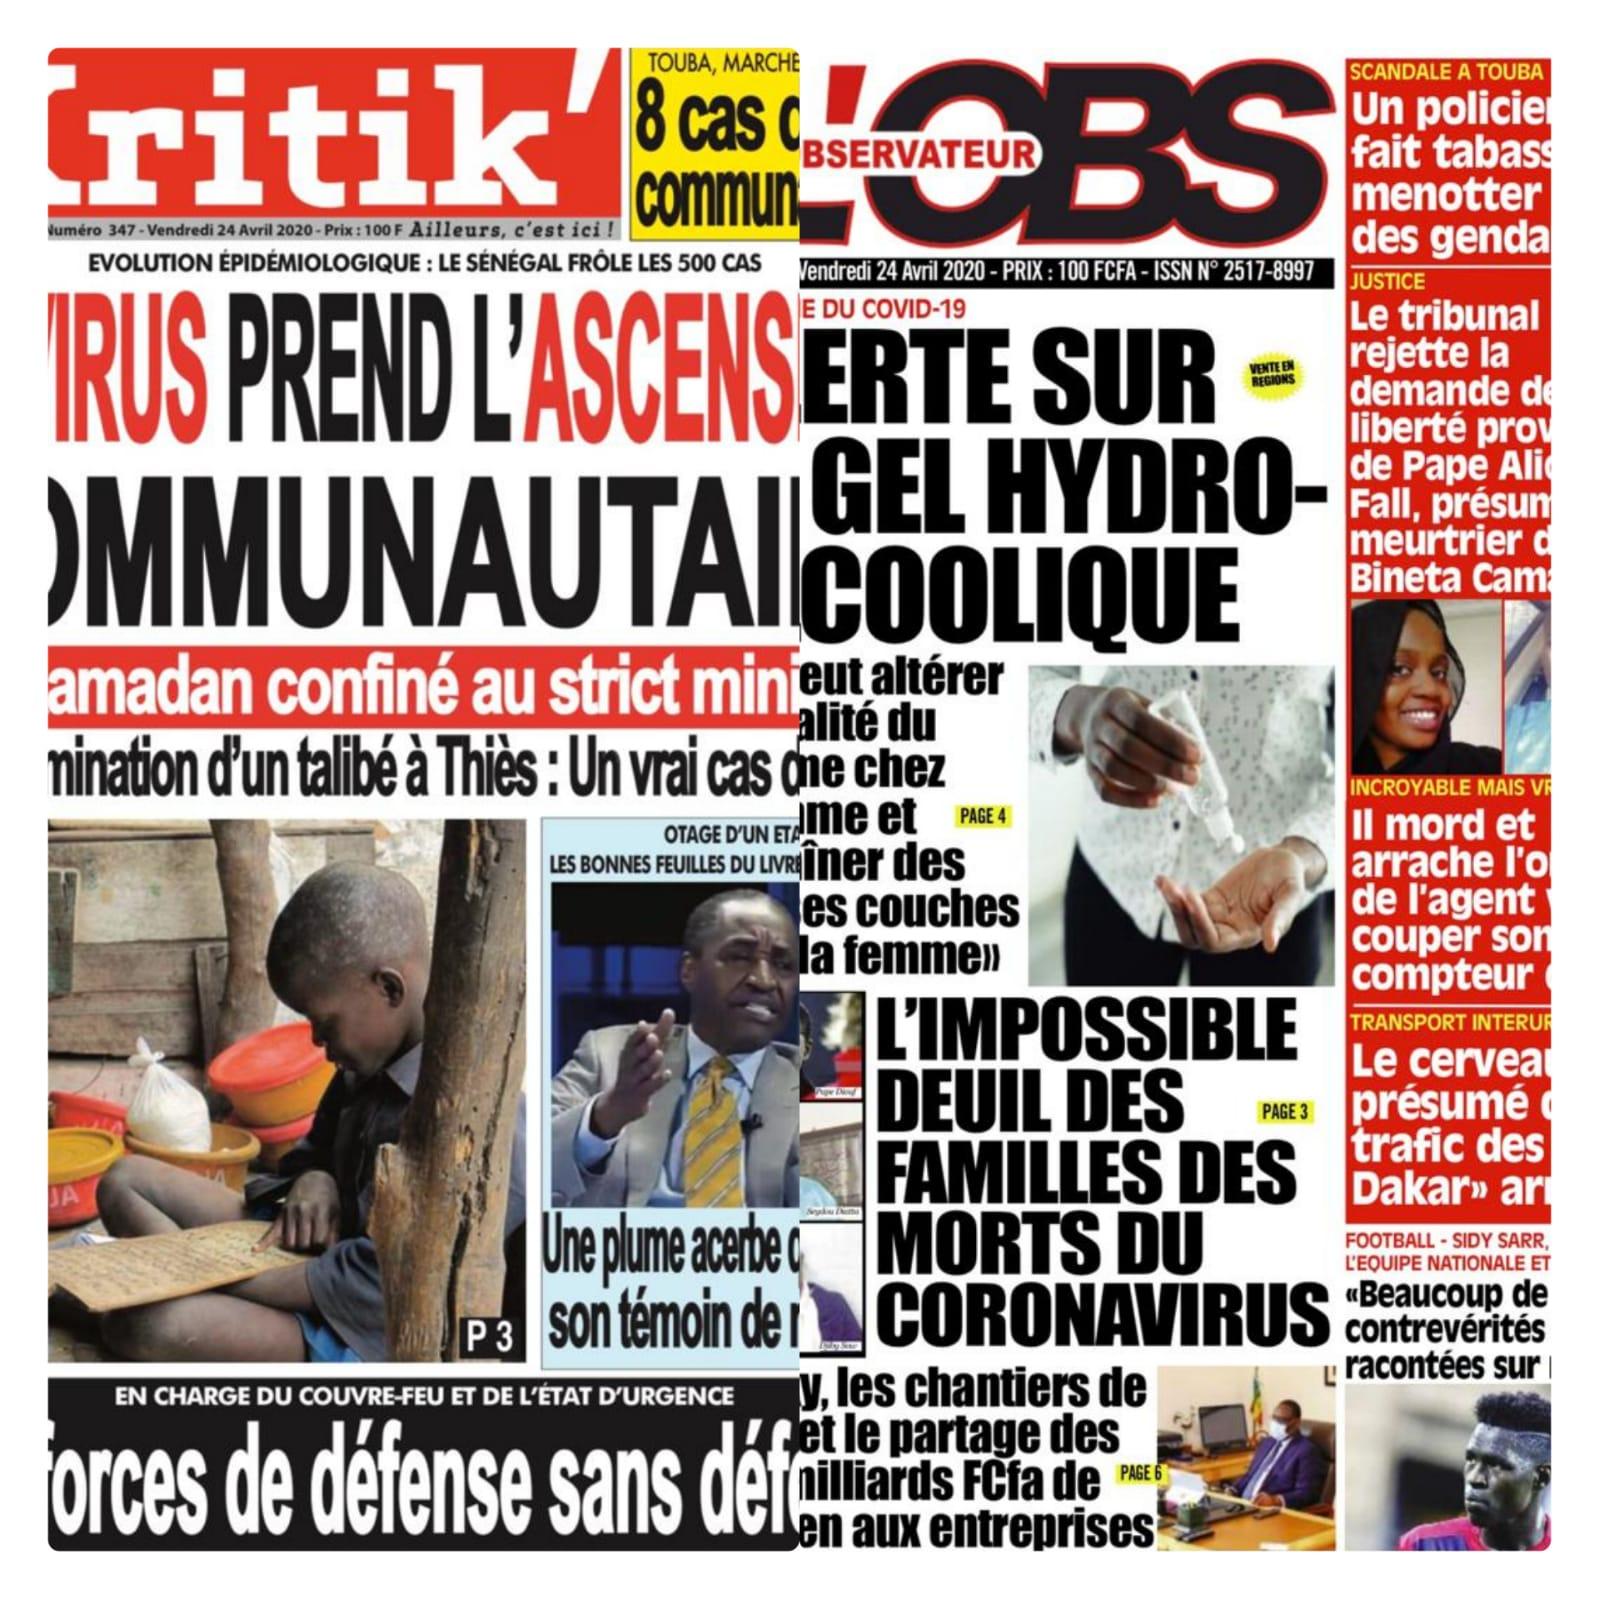 A la une des quotidiens le Sénégal enregistre son7ème décès , 66 cas testés positif debut ramadan macky maintient le couvre-feu à 20h